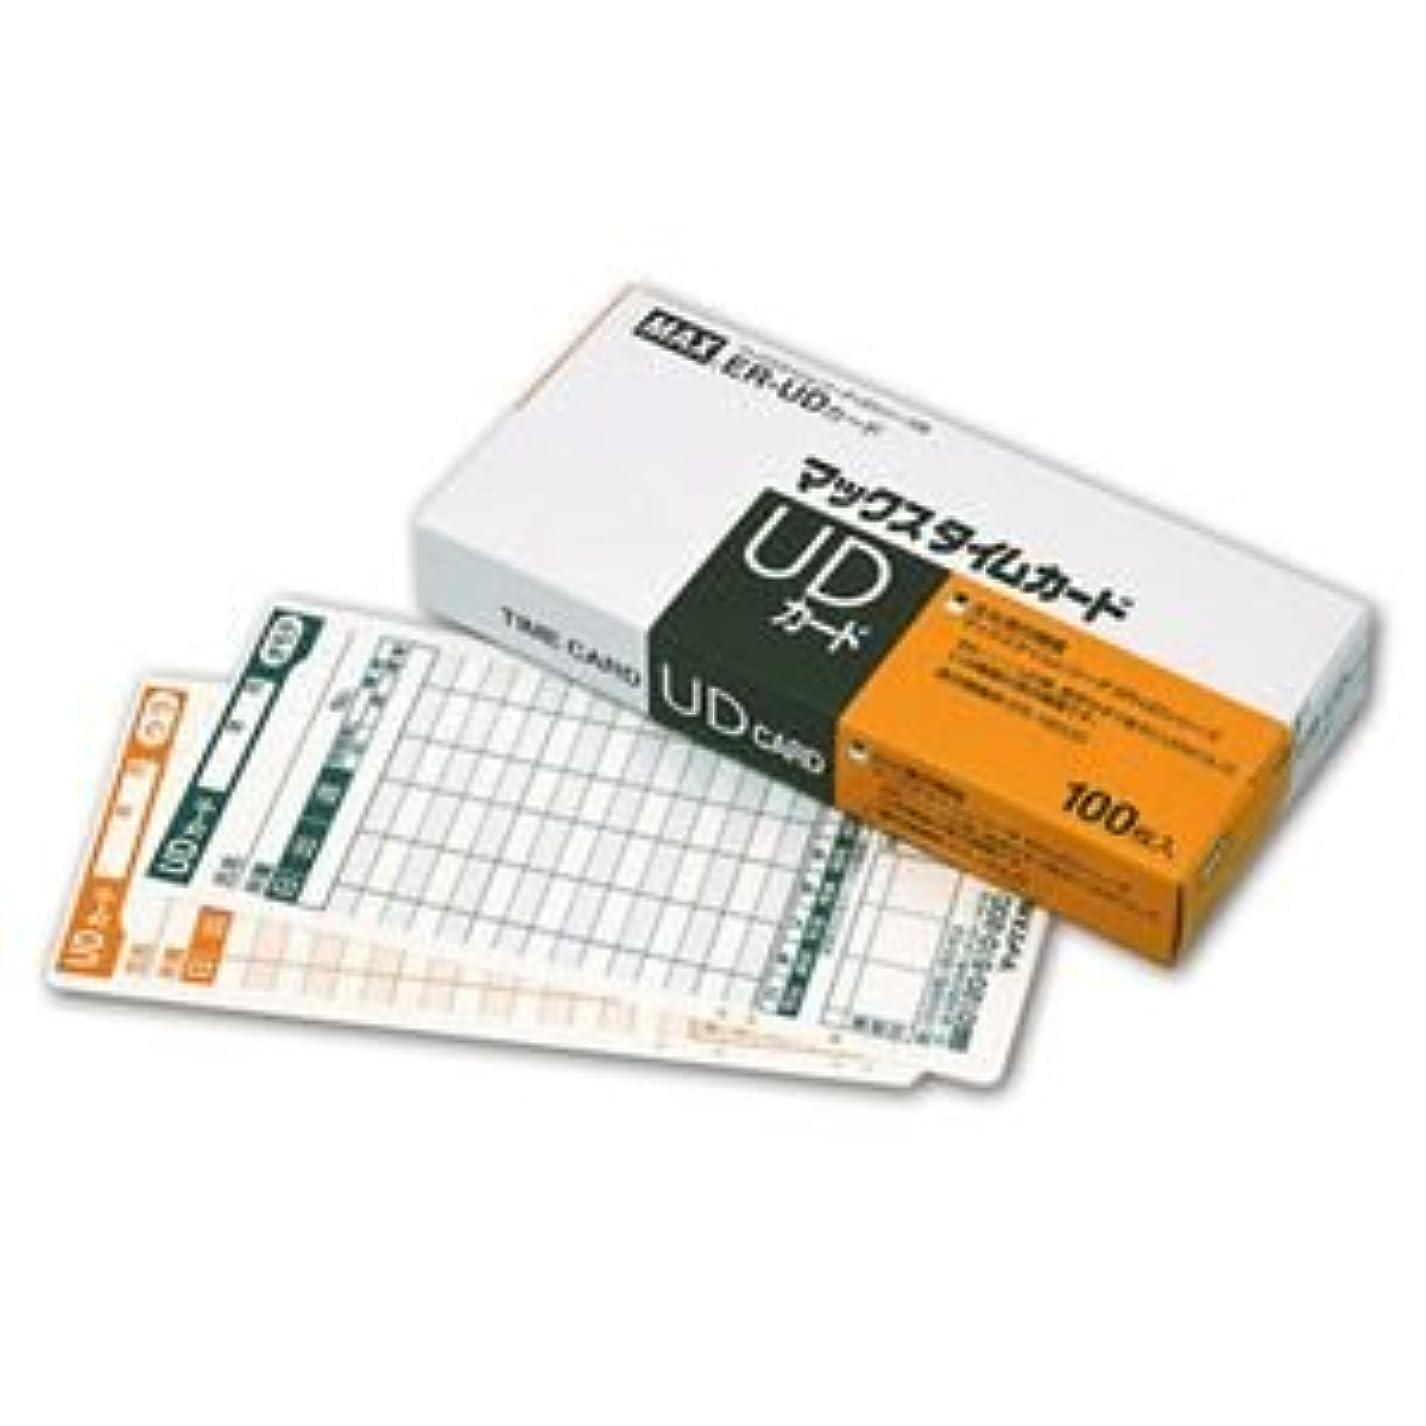 どこにもつぶす等しい(まとめ) マックス タイムレコーダ用カード ER-UDカード ER90199 1パック(100枚) 【×3セット】 ds-1571649